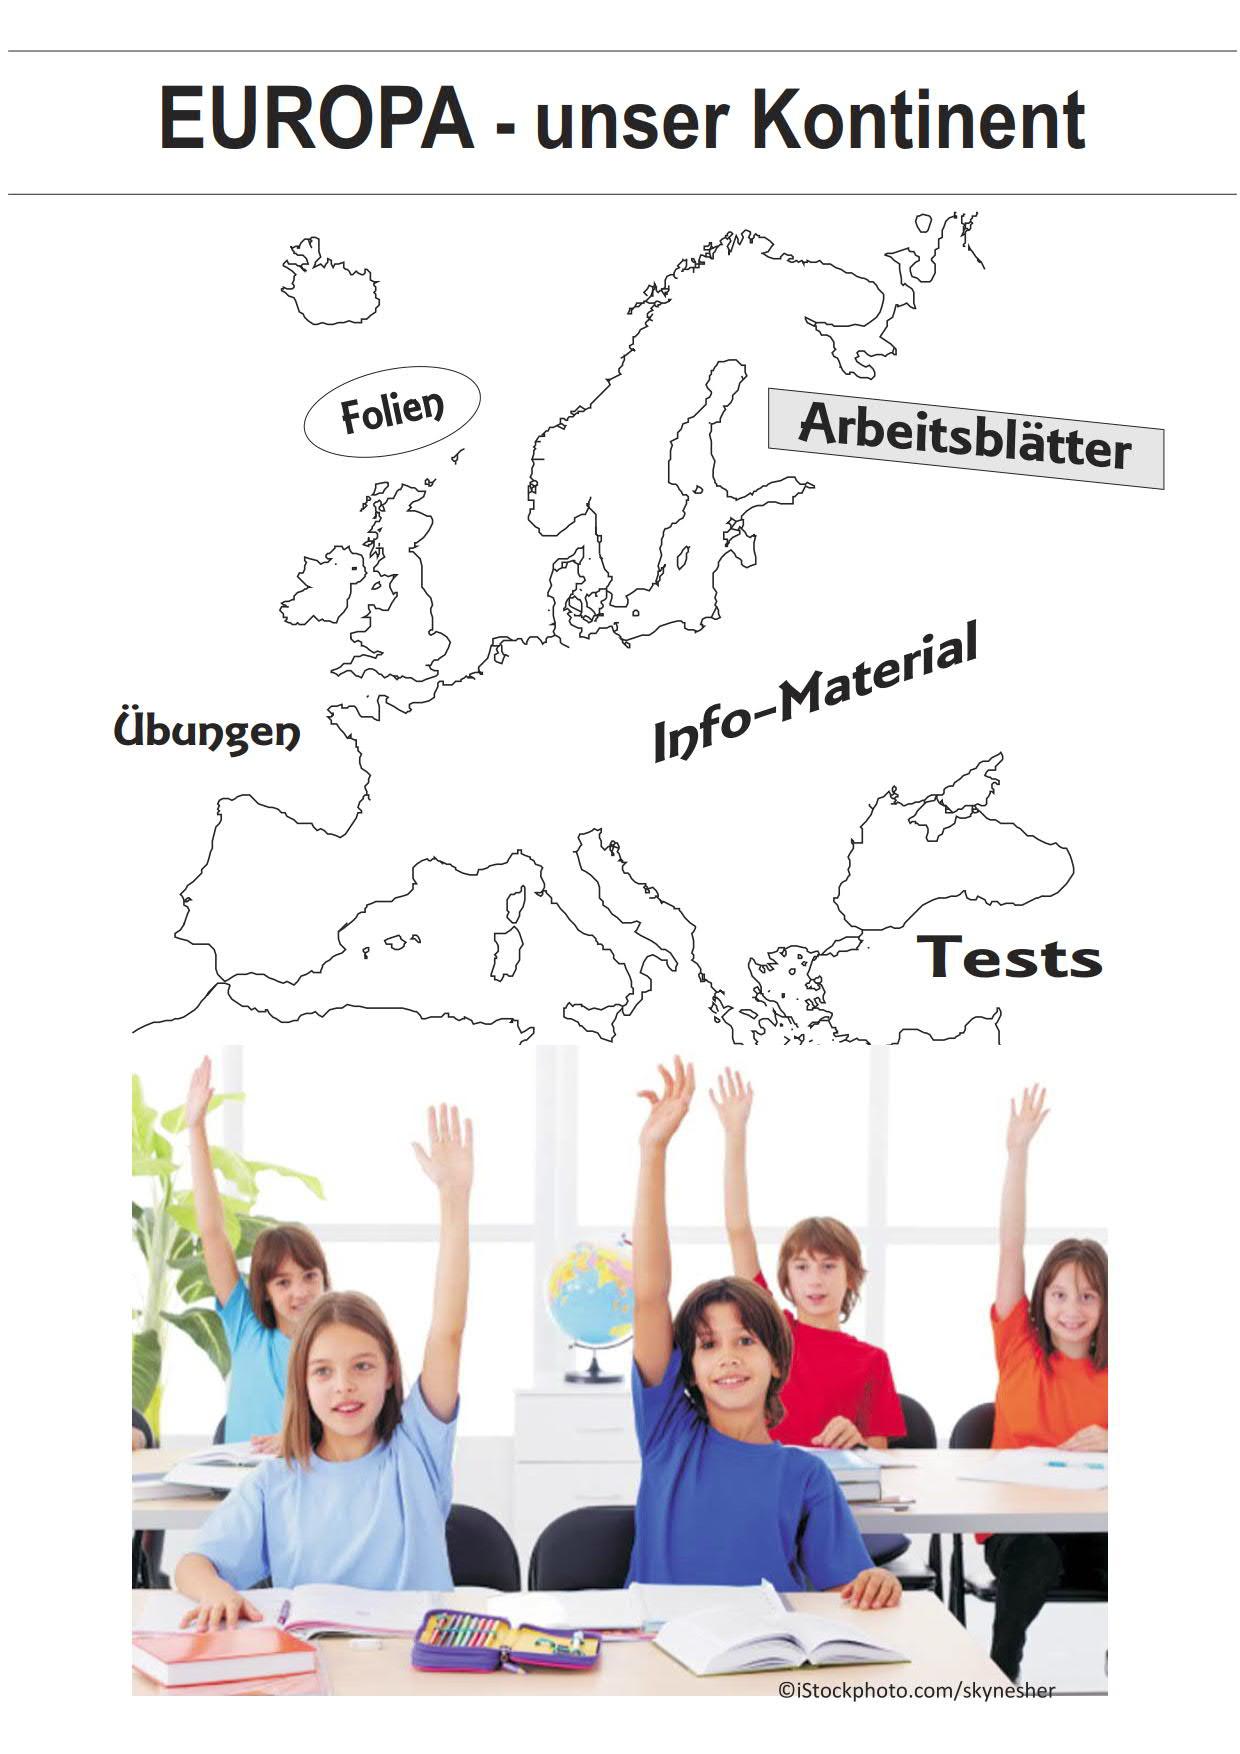 Europa   unser Kontinent   Arbeitsblätter, Folien, Tests, Übungen ...